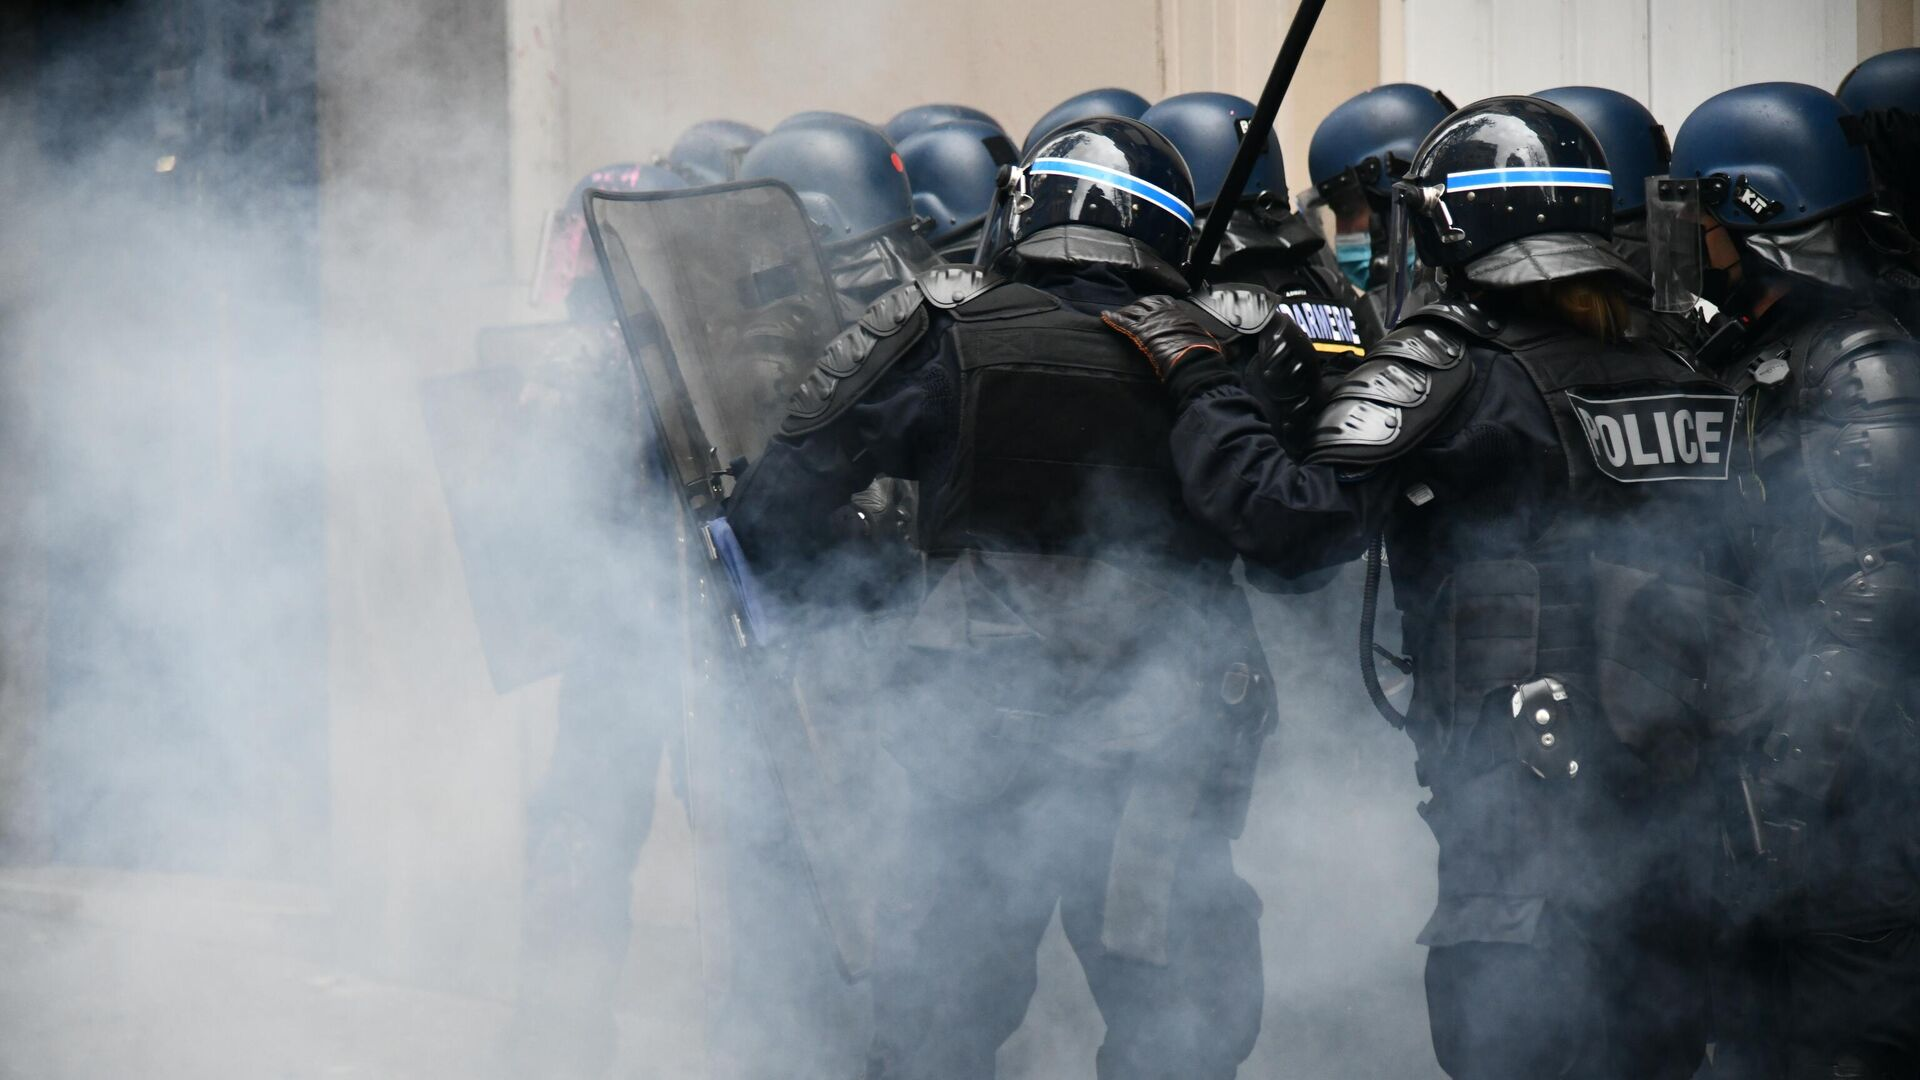 Сотрудники правоохранительных органов во время акции протеста против законопроекта О глобальной безопасности в Париже - РИА Новости, 1920, 01.05.2021